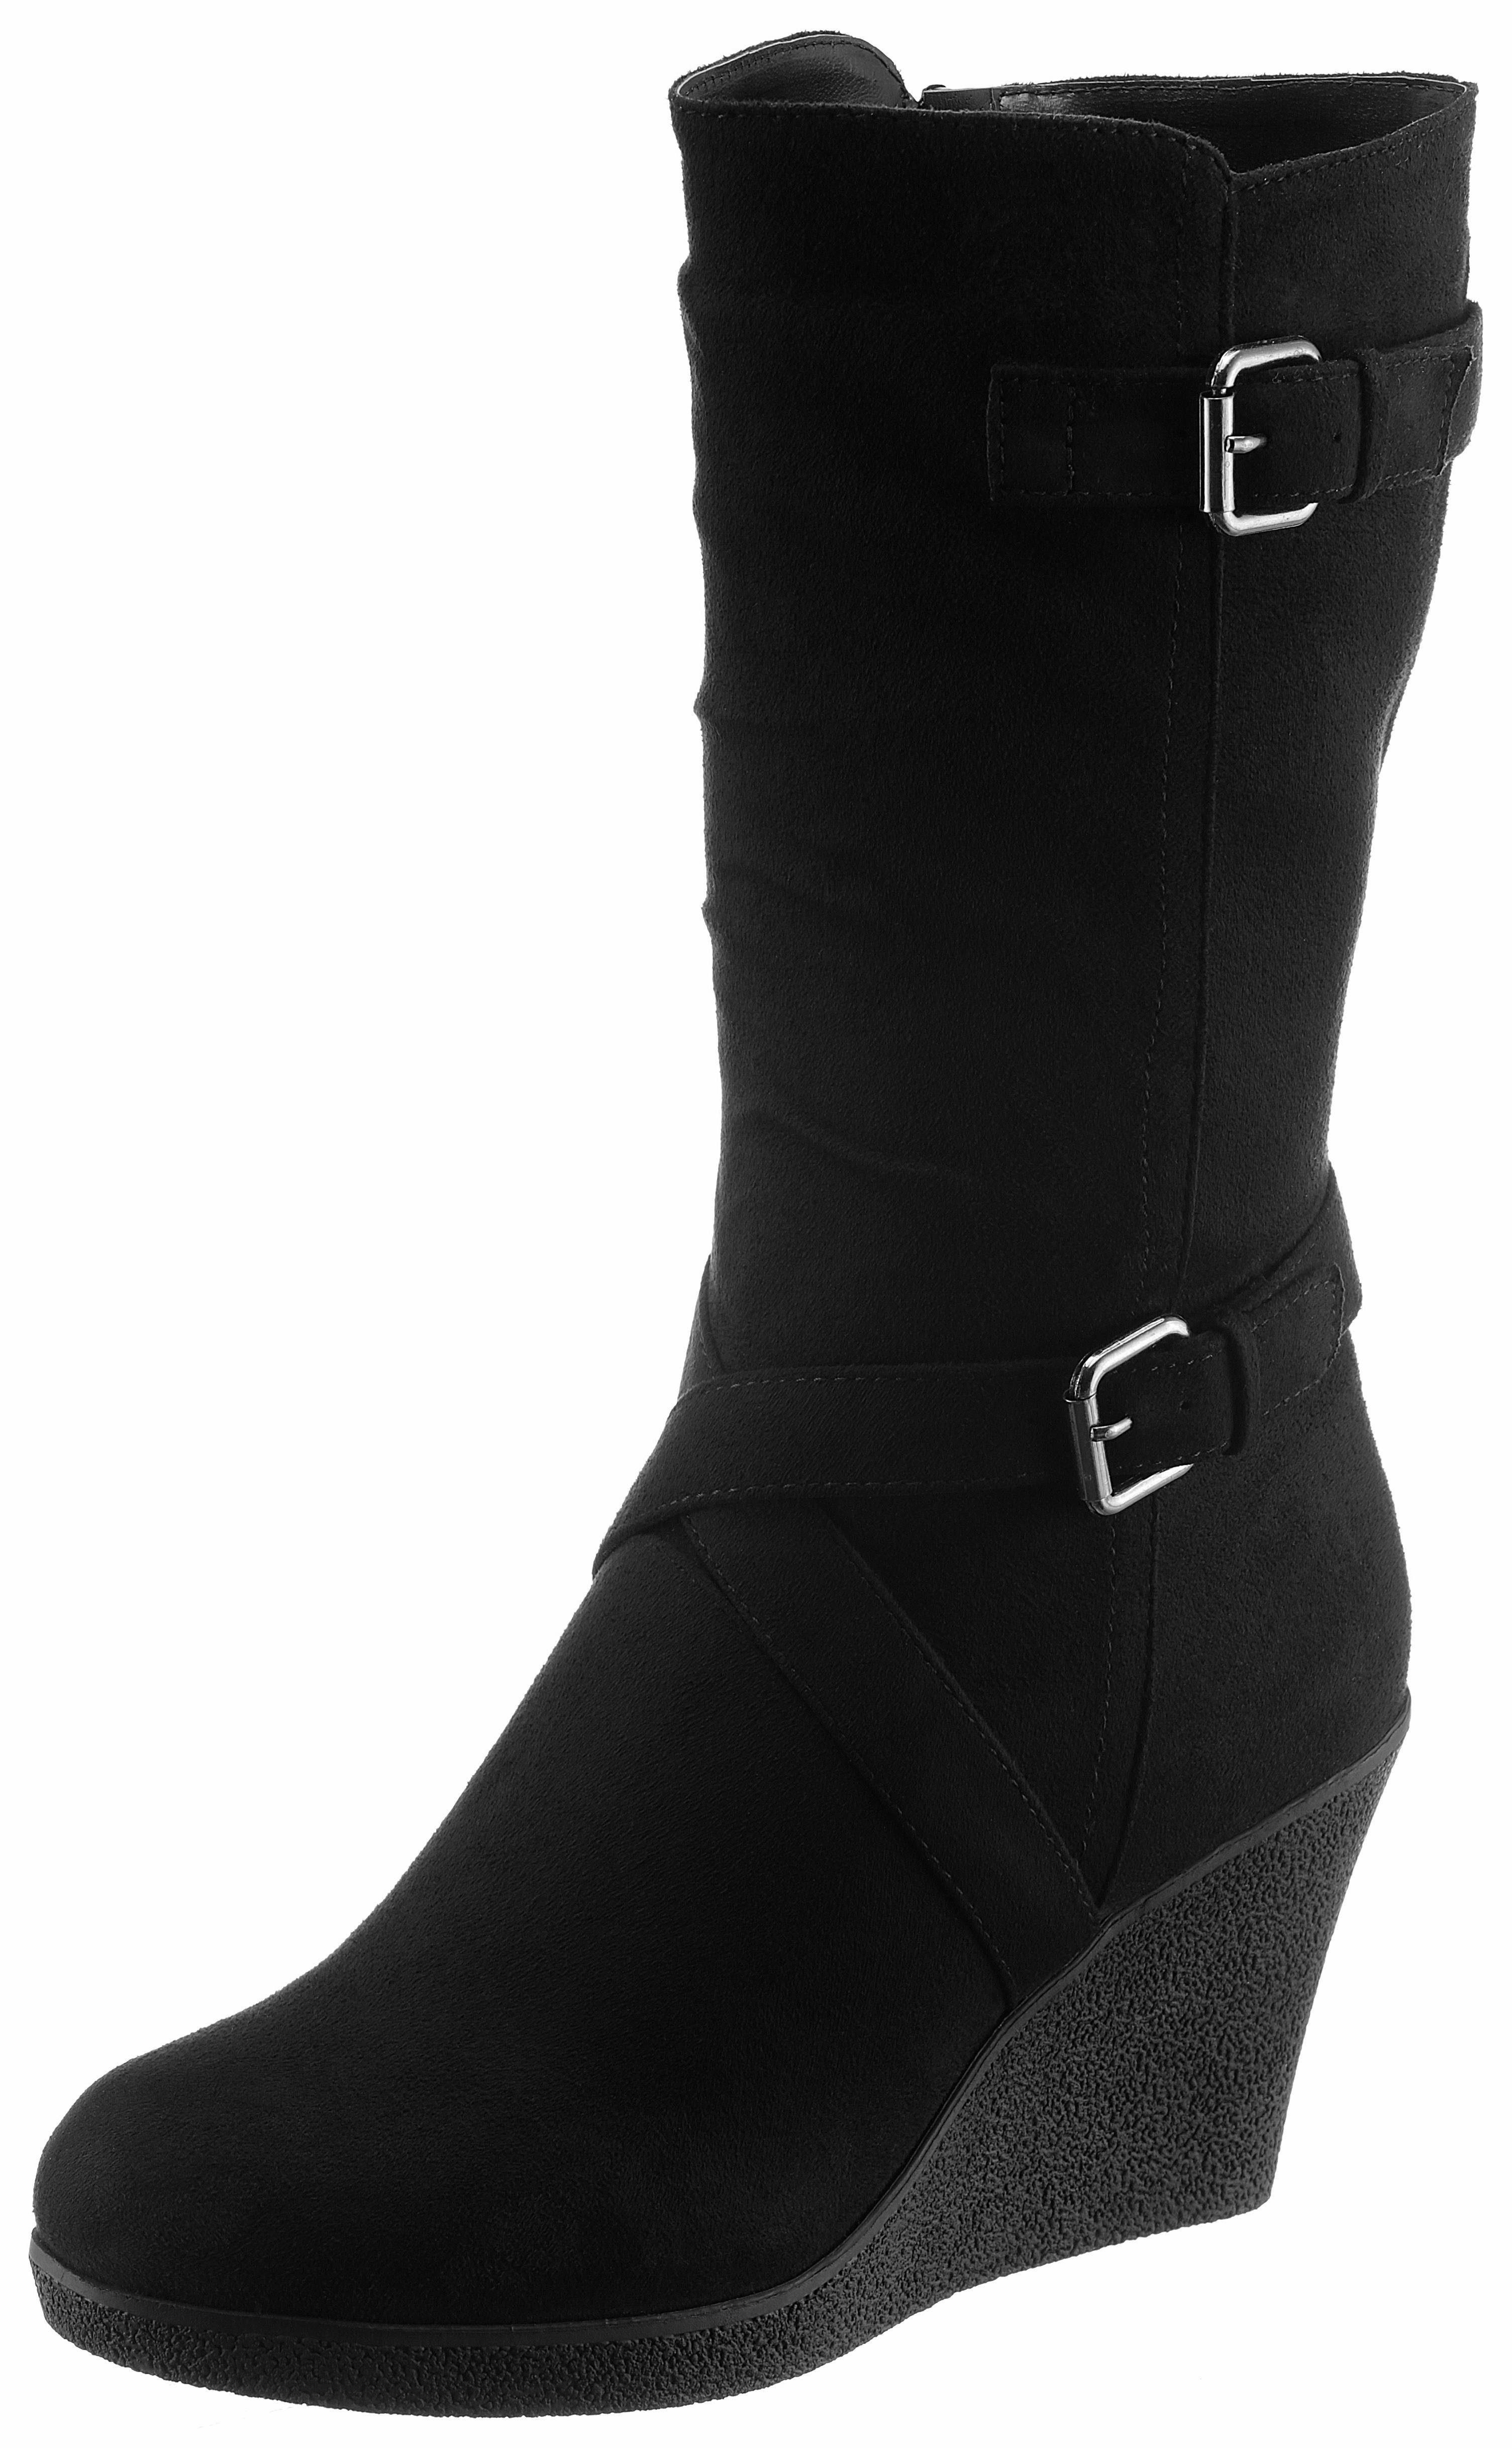 CITY WALK Stiefel, in angesagter, runder Form  schwarz